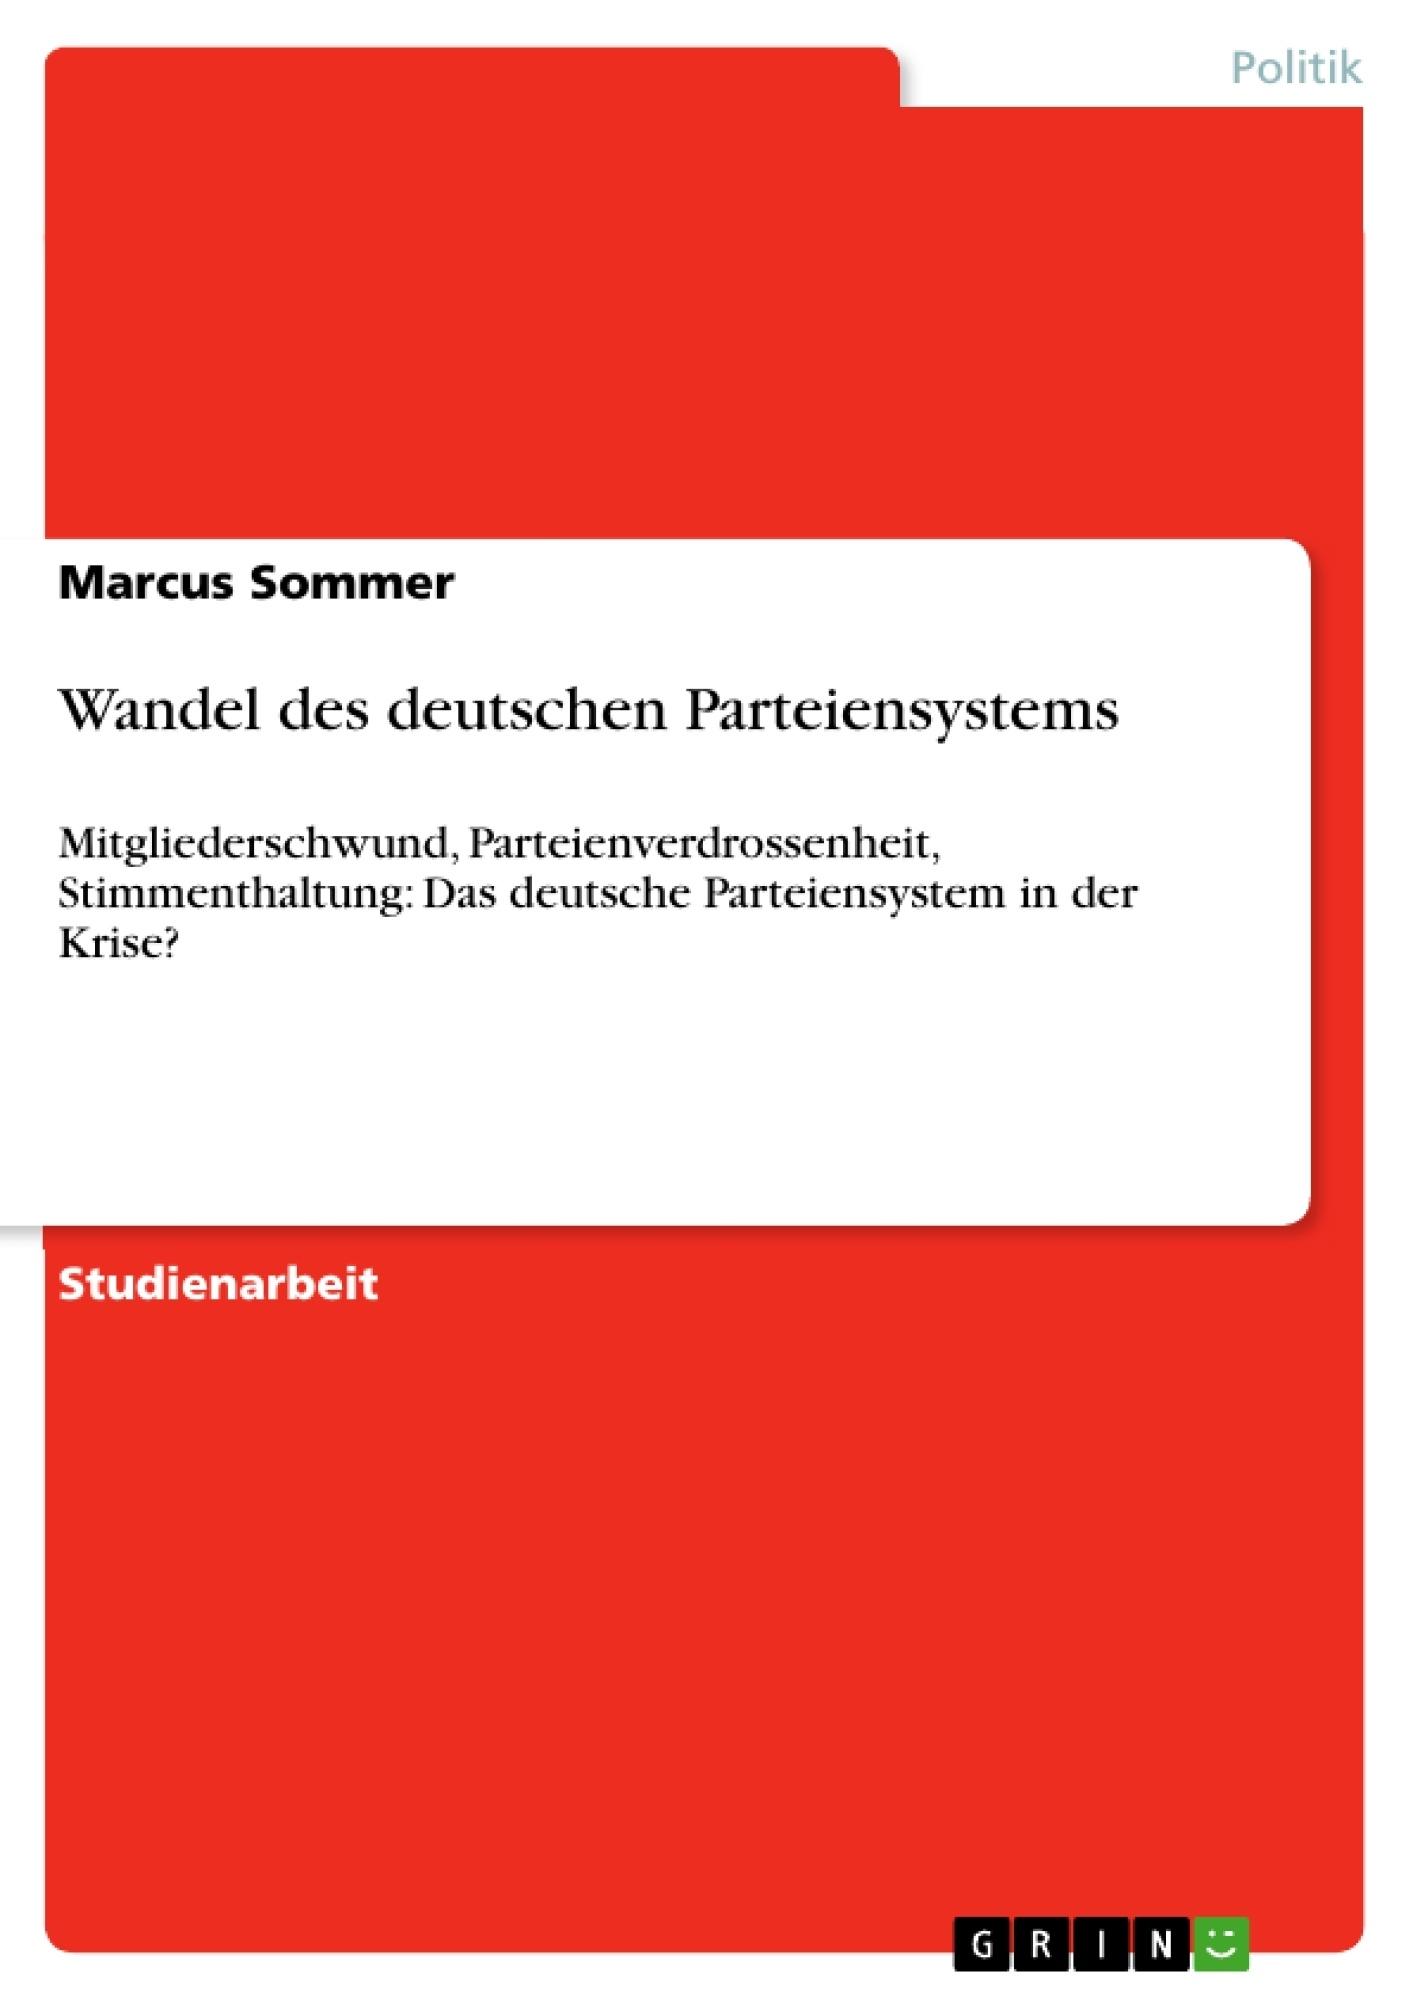 Titel: Wandel des deutschen Parteiensystems